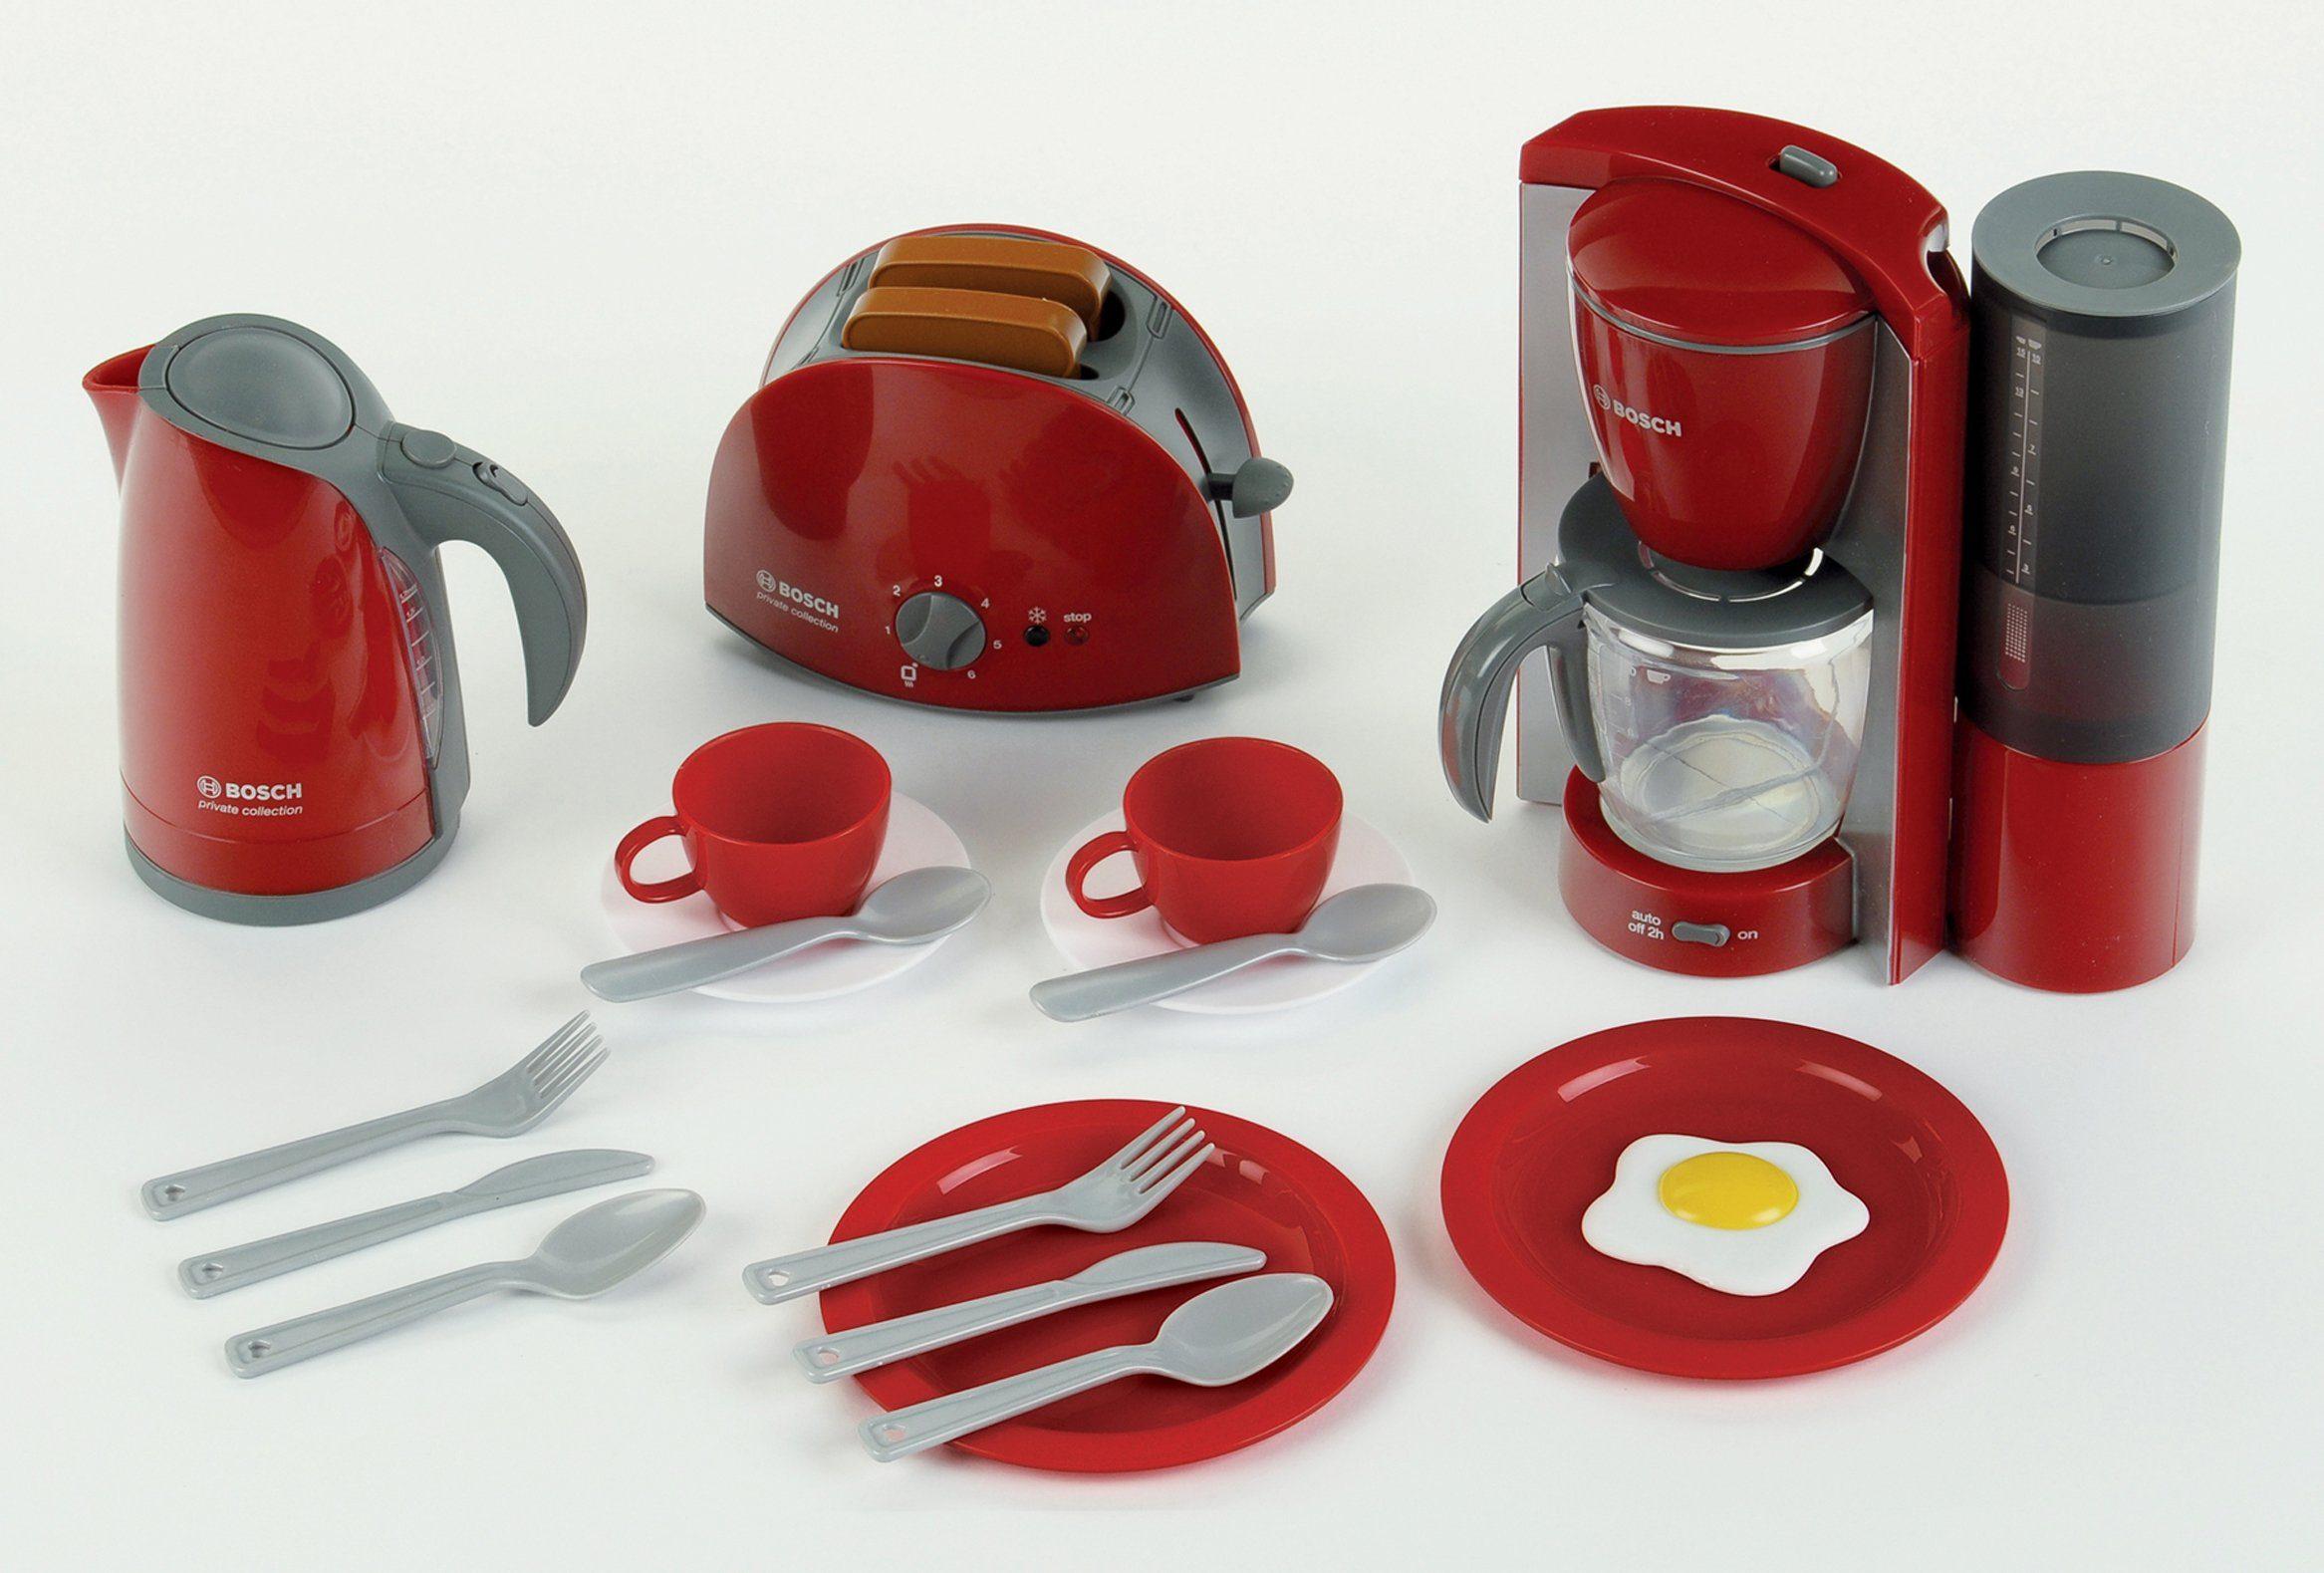 Klein Spielküchen Set besteht aus Spielwasserkocher, -toaster, -kaffeemaschine, »Bosch Frühstückset«